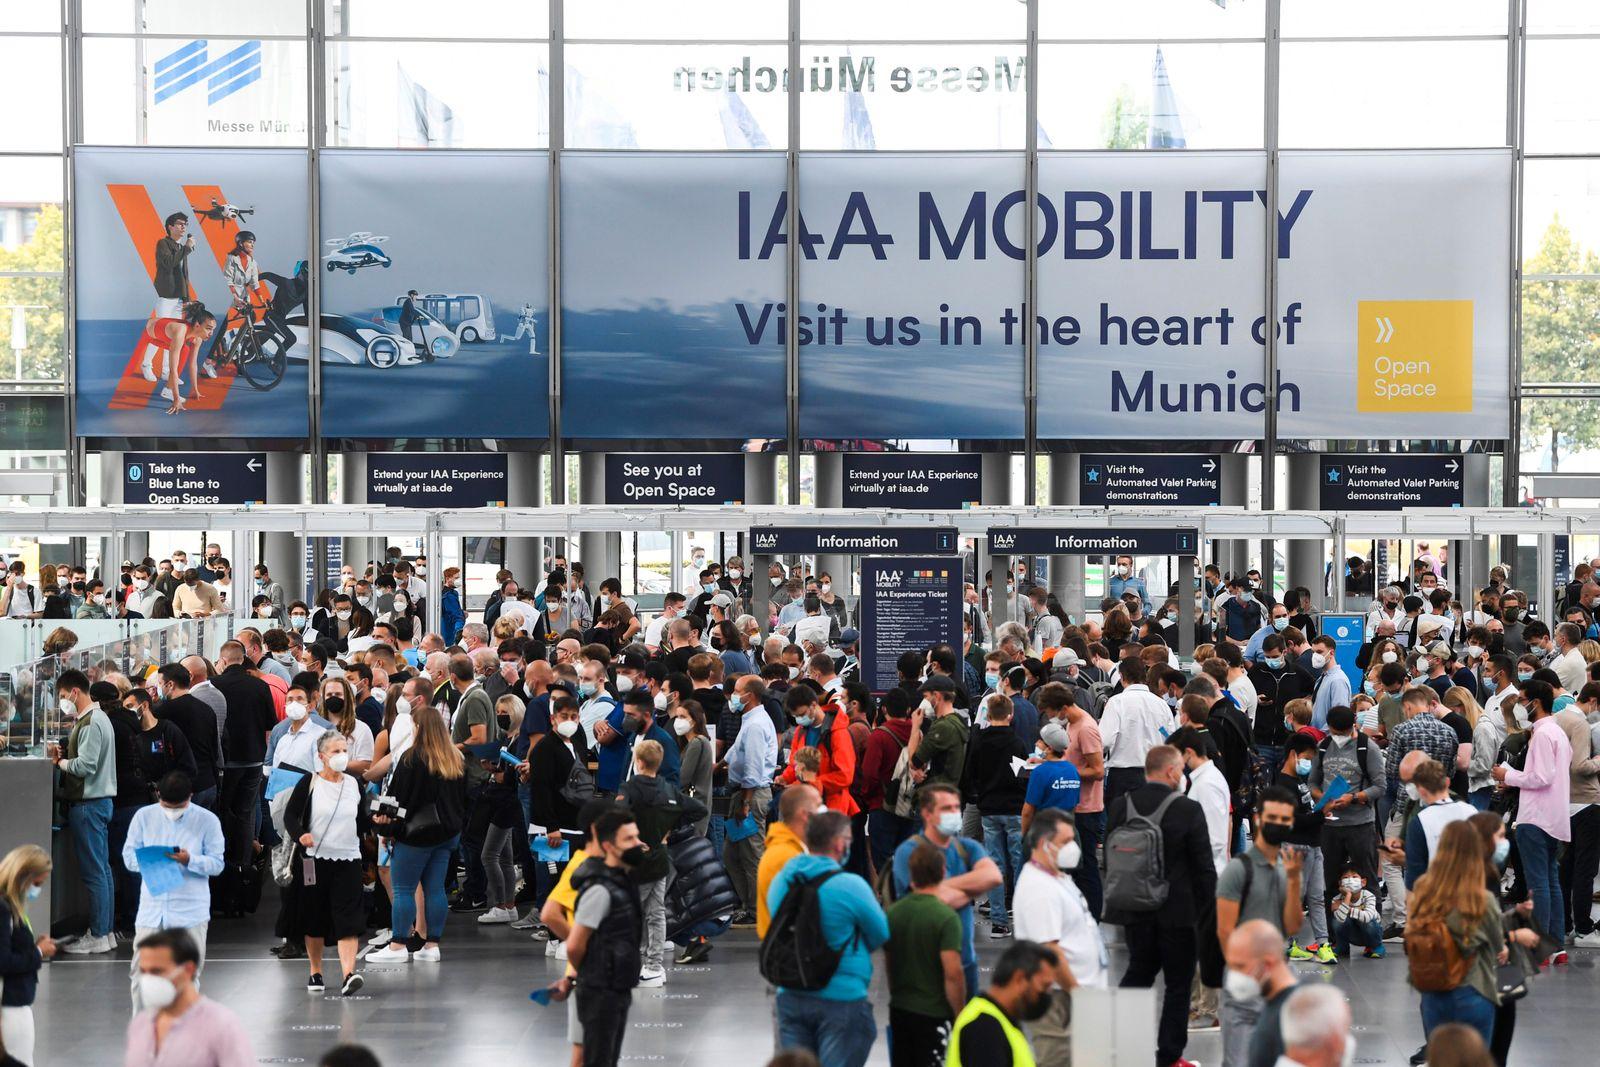 Munich Auto Show IAA Mobility 2021